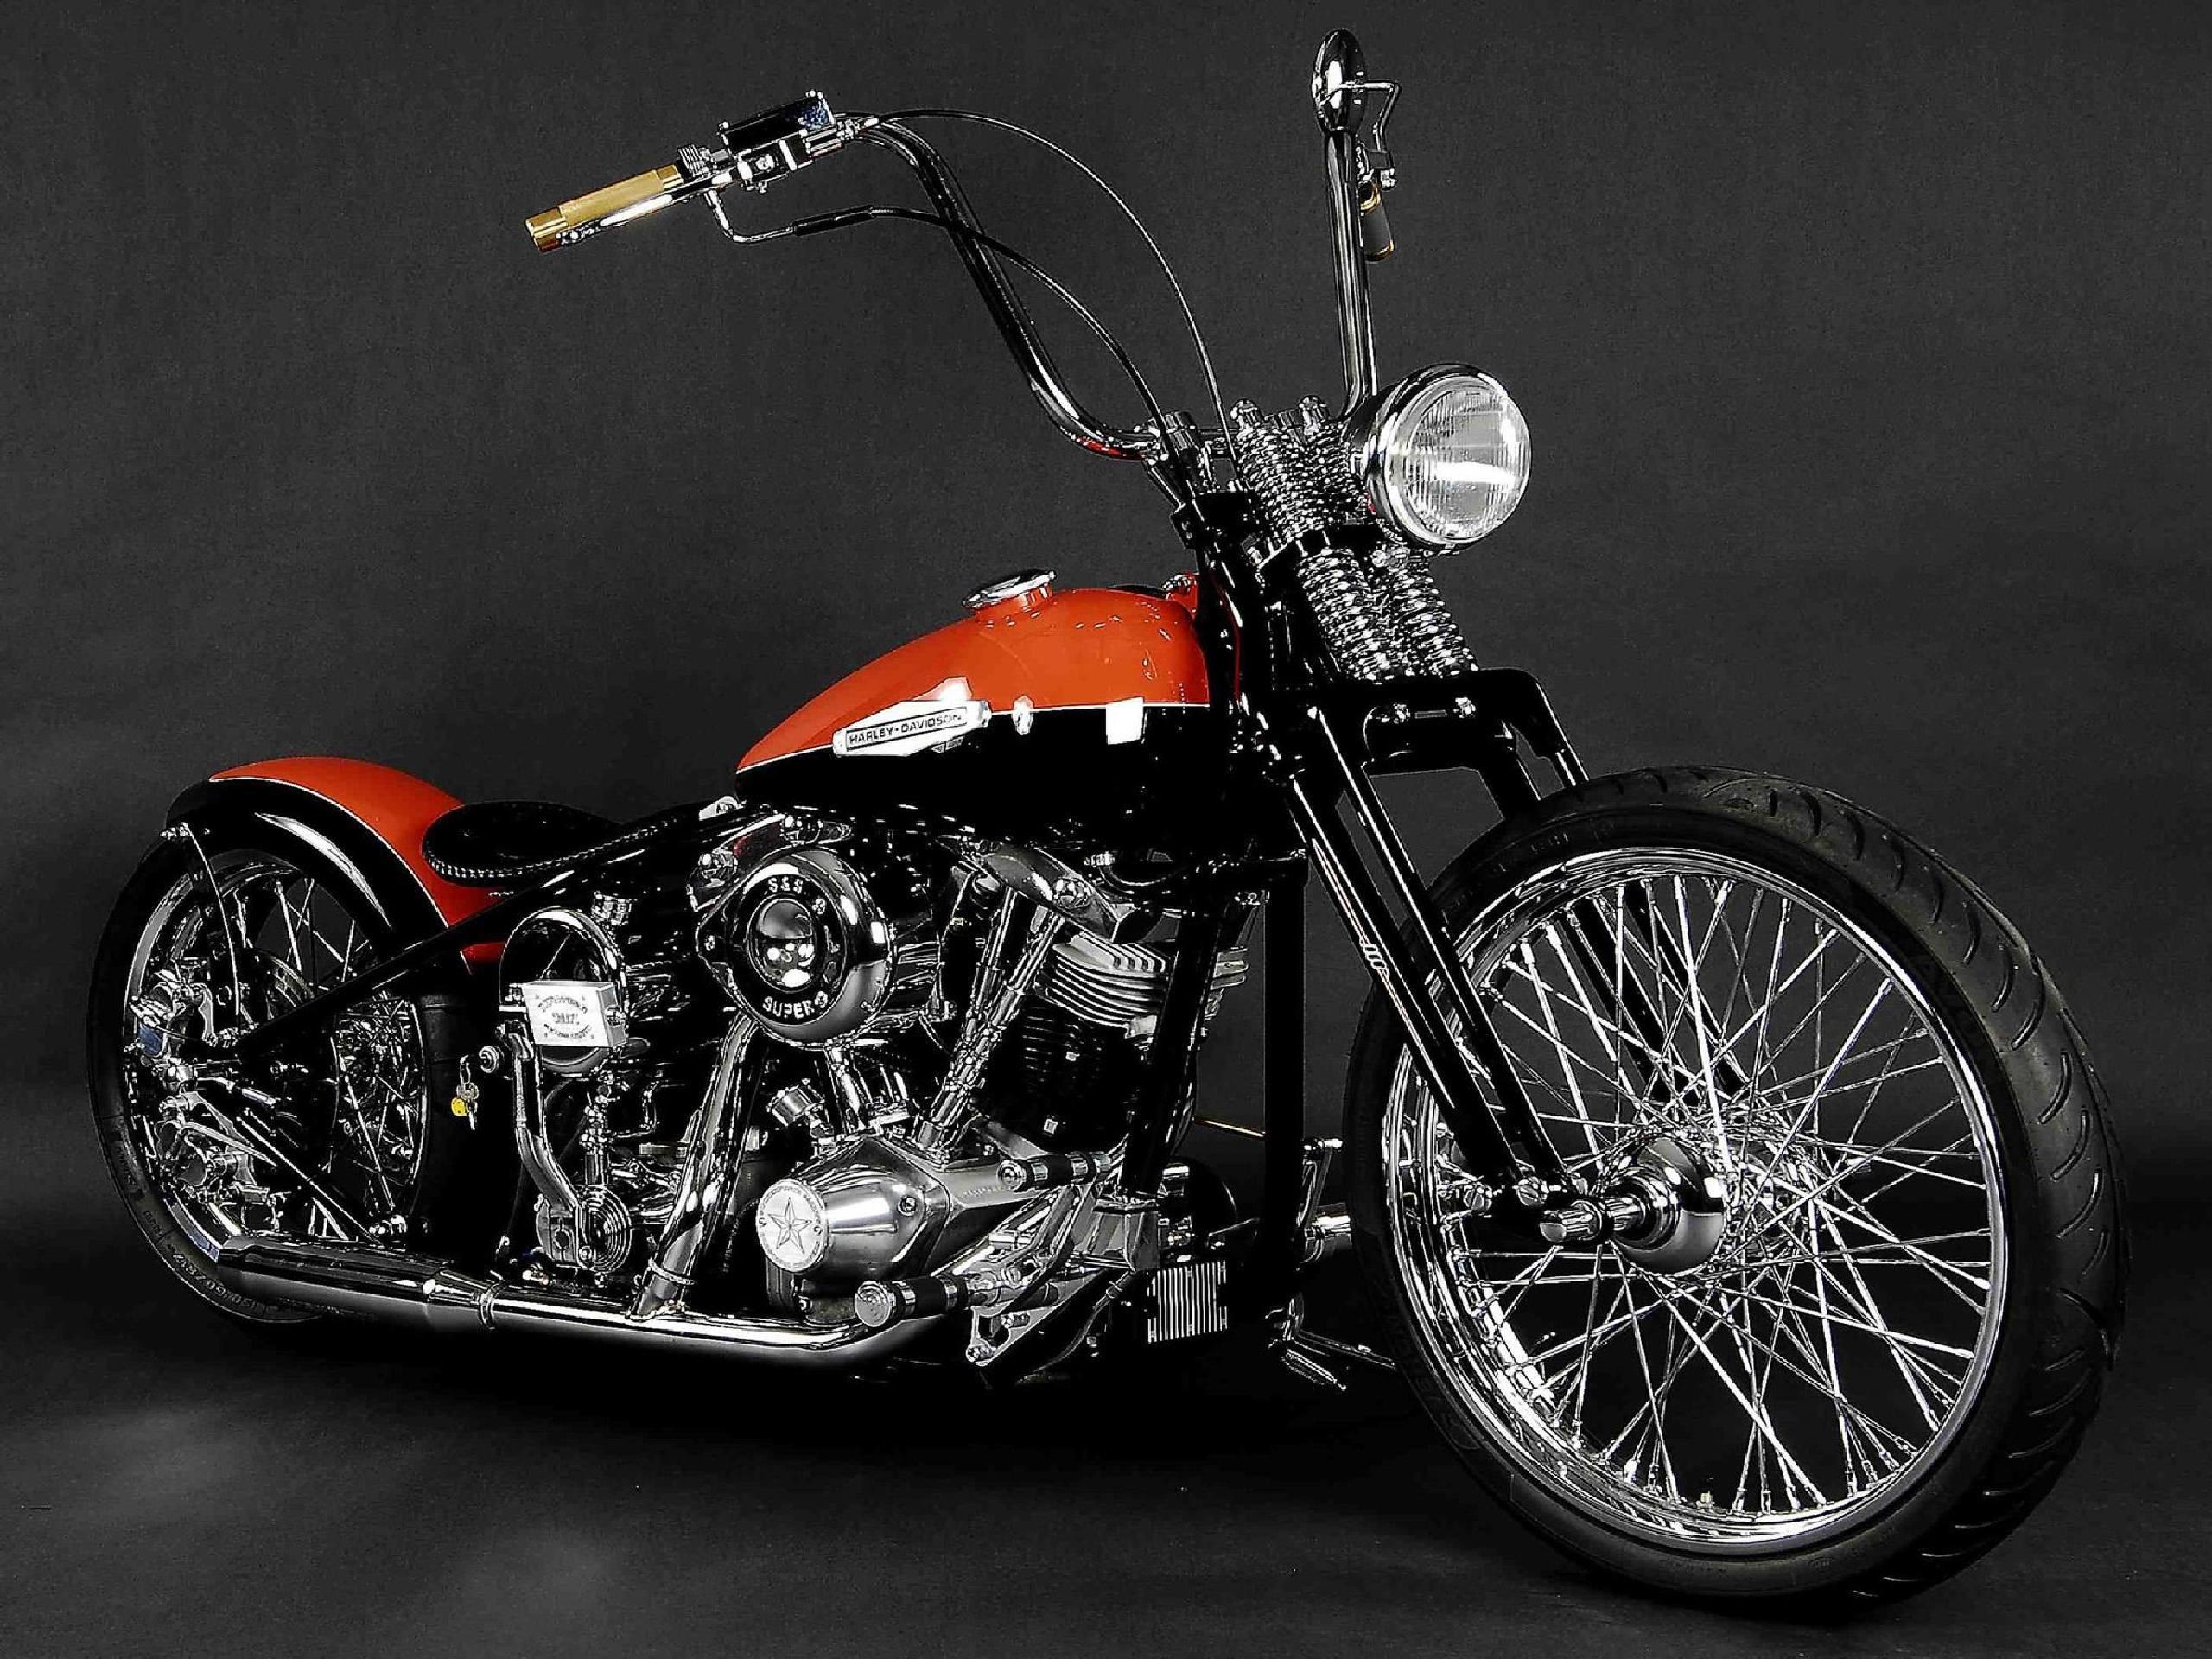 Harley Davidson Backgrounds For Desktop ·① WallpaperTag